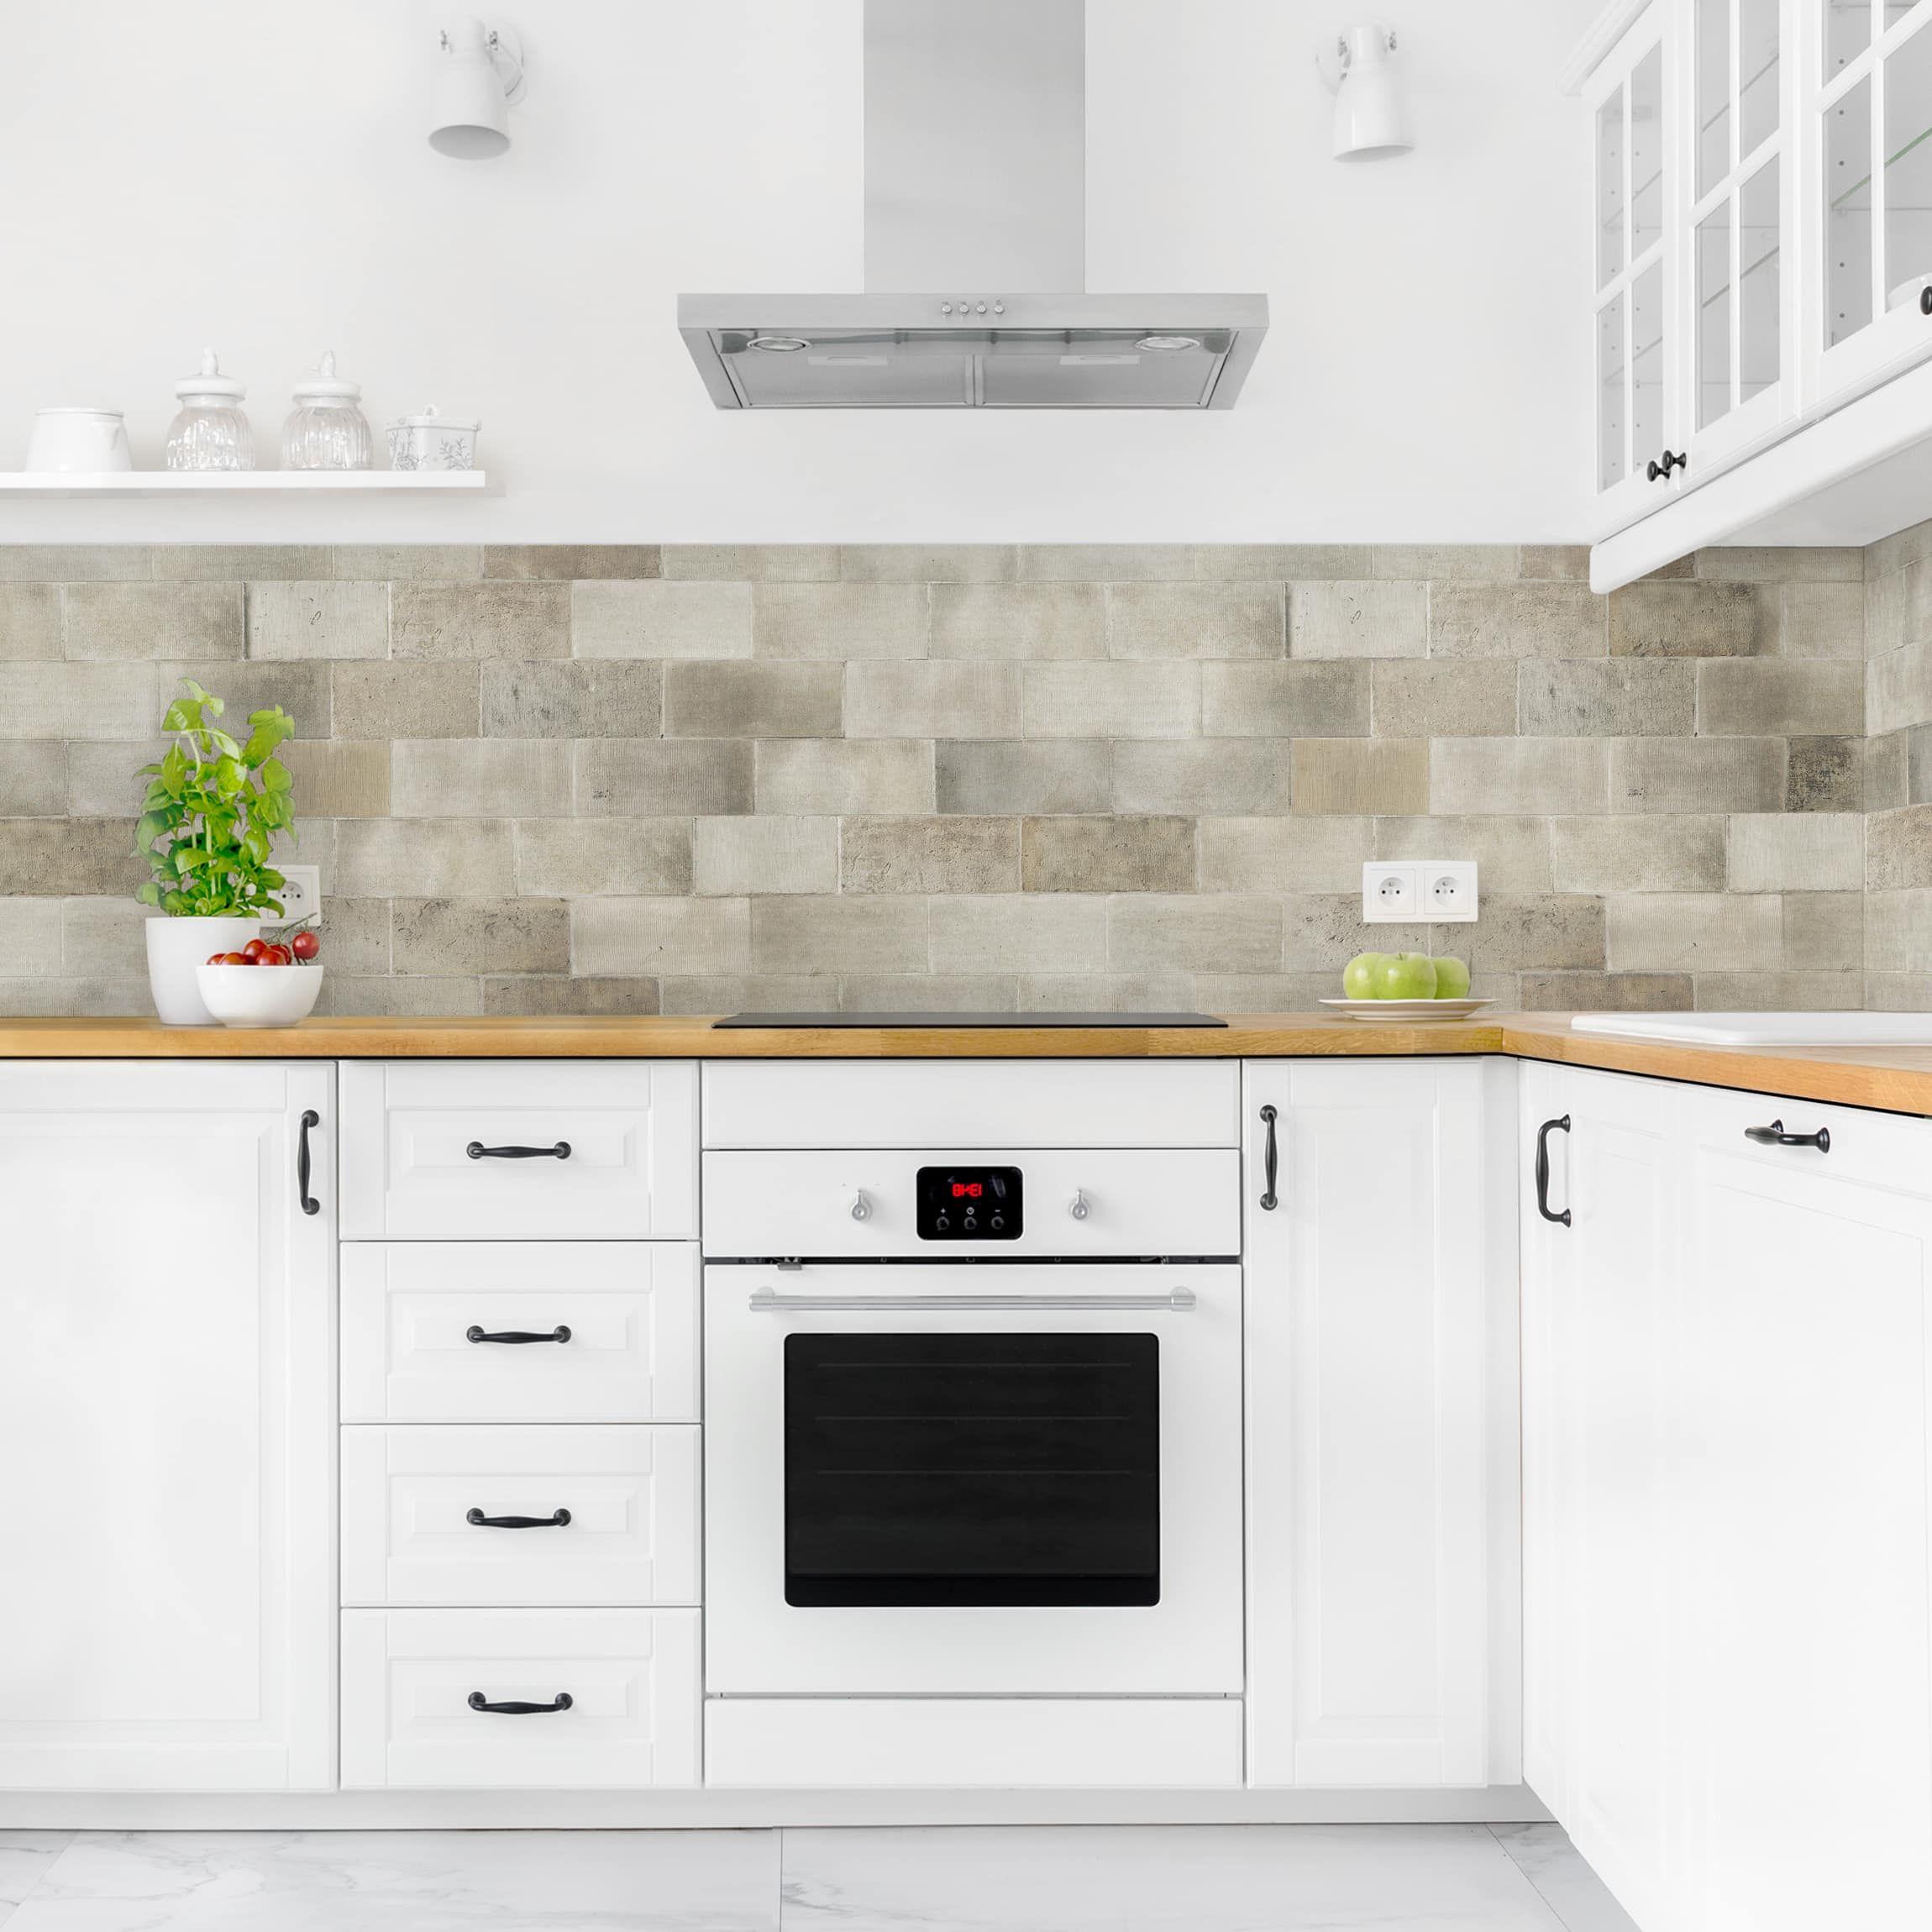 Rivestimento cucina - Muro in mattoni di cemento | Cucina ...